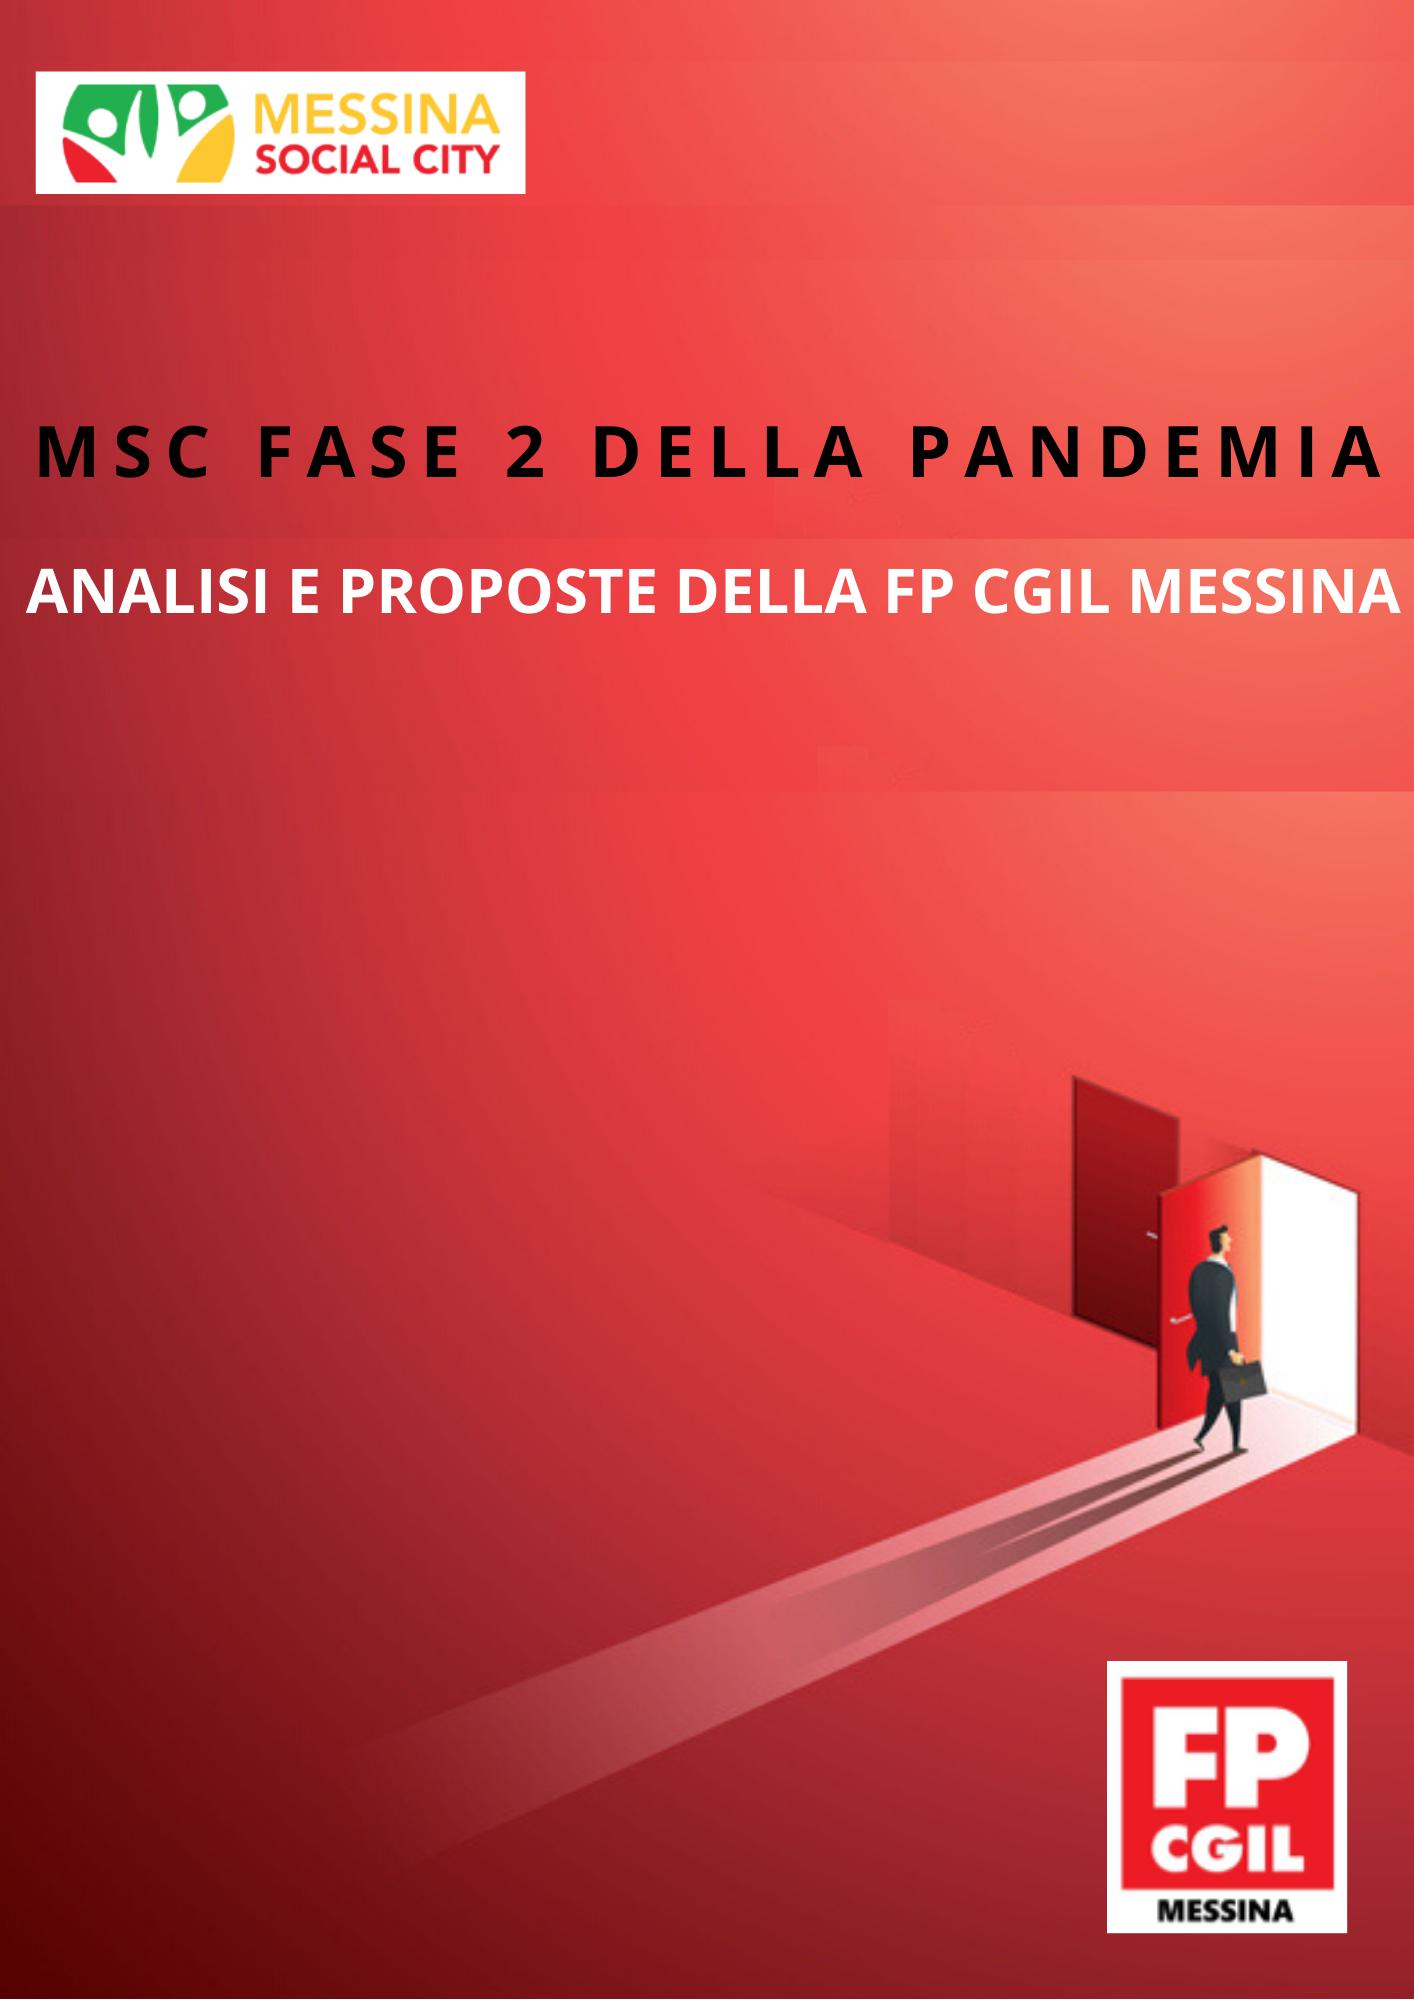 Messina Social City Analisi e proposte della FP CGIL per affrontare la Fase 2 della pandemia.